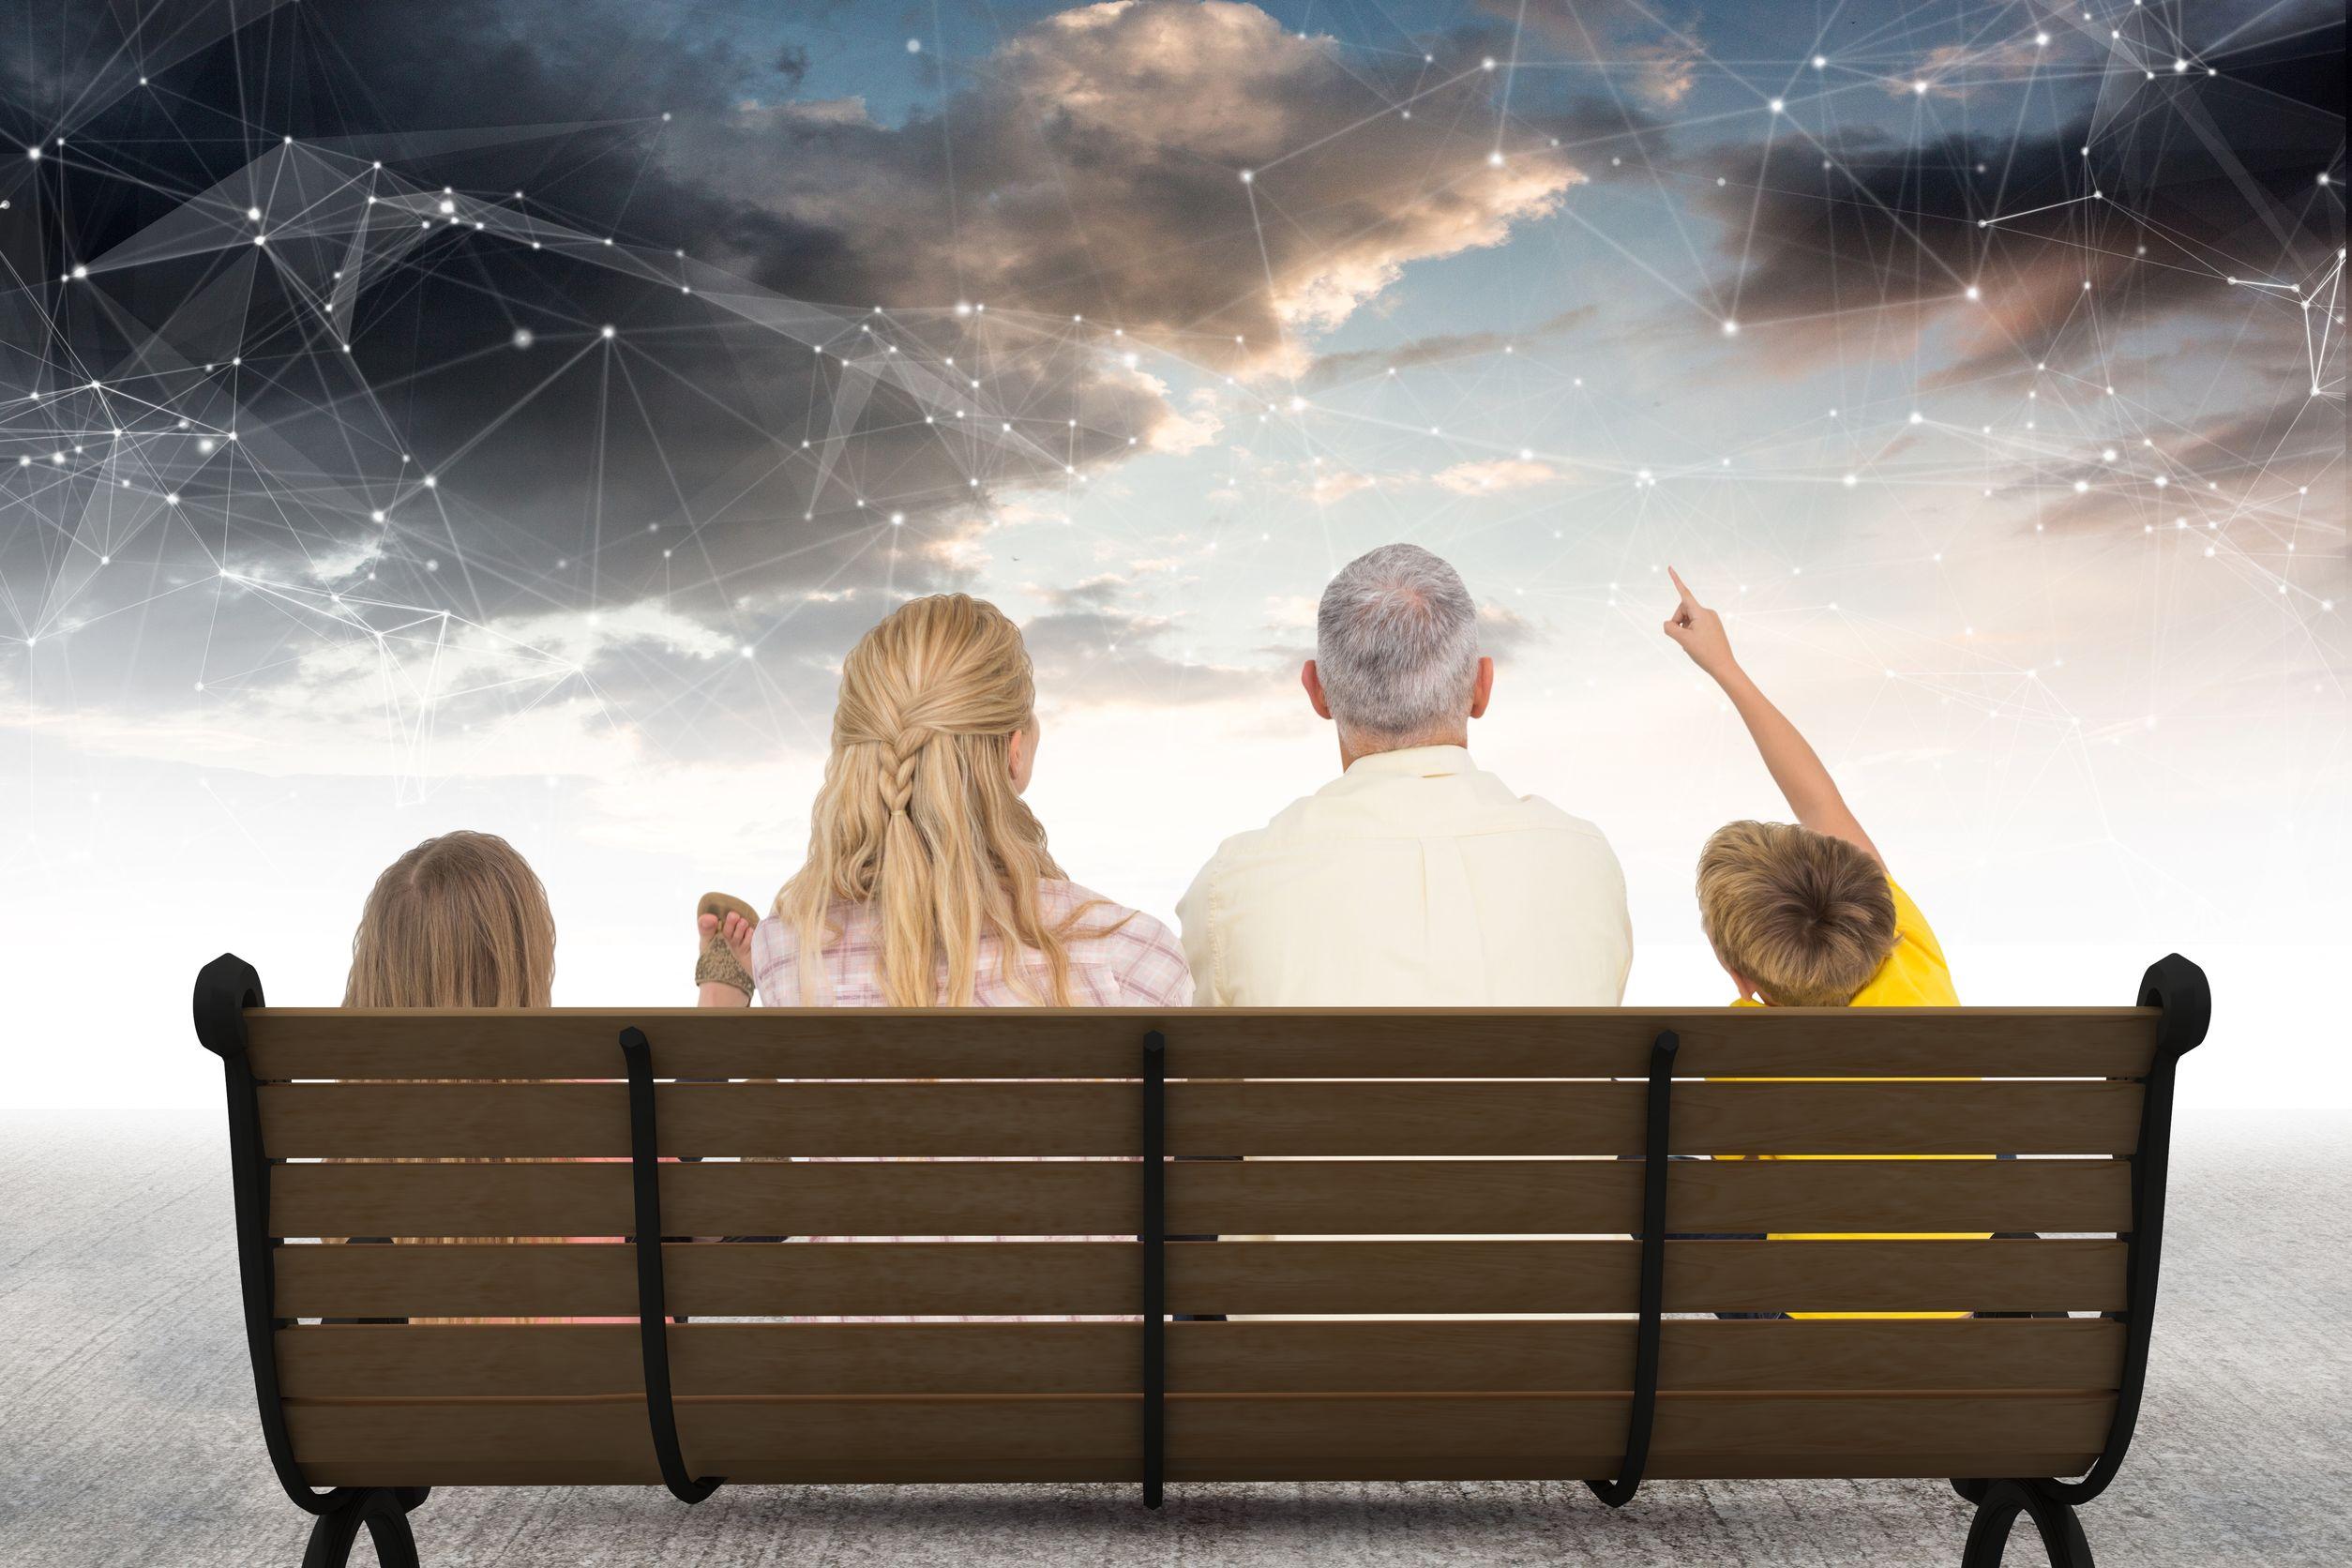 Família formada por pai, mãe, filho e filha, sentados em um banco de praça observando o céu da tarde com constelações desenhas.